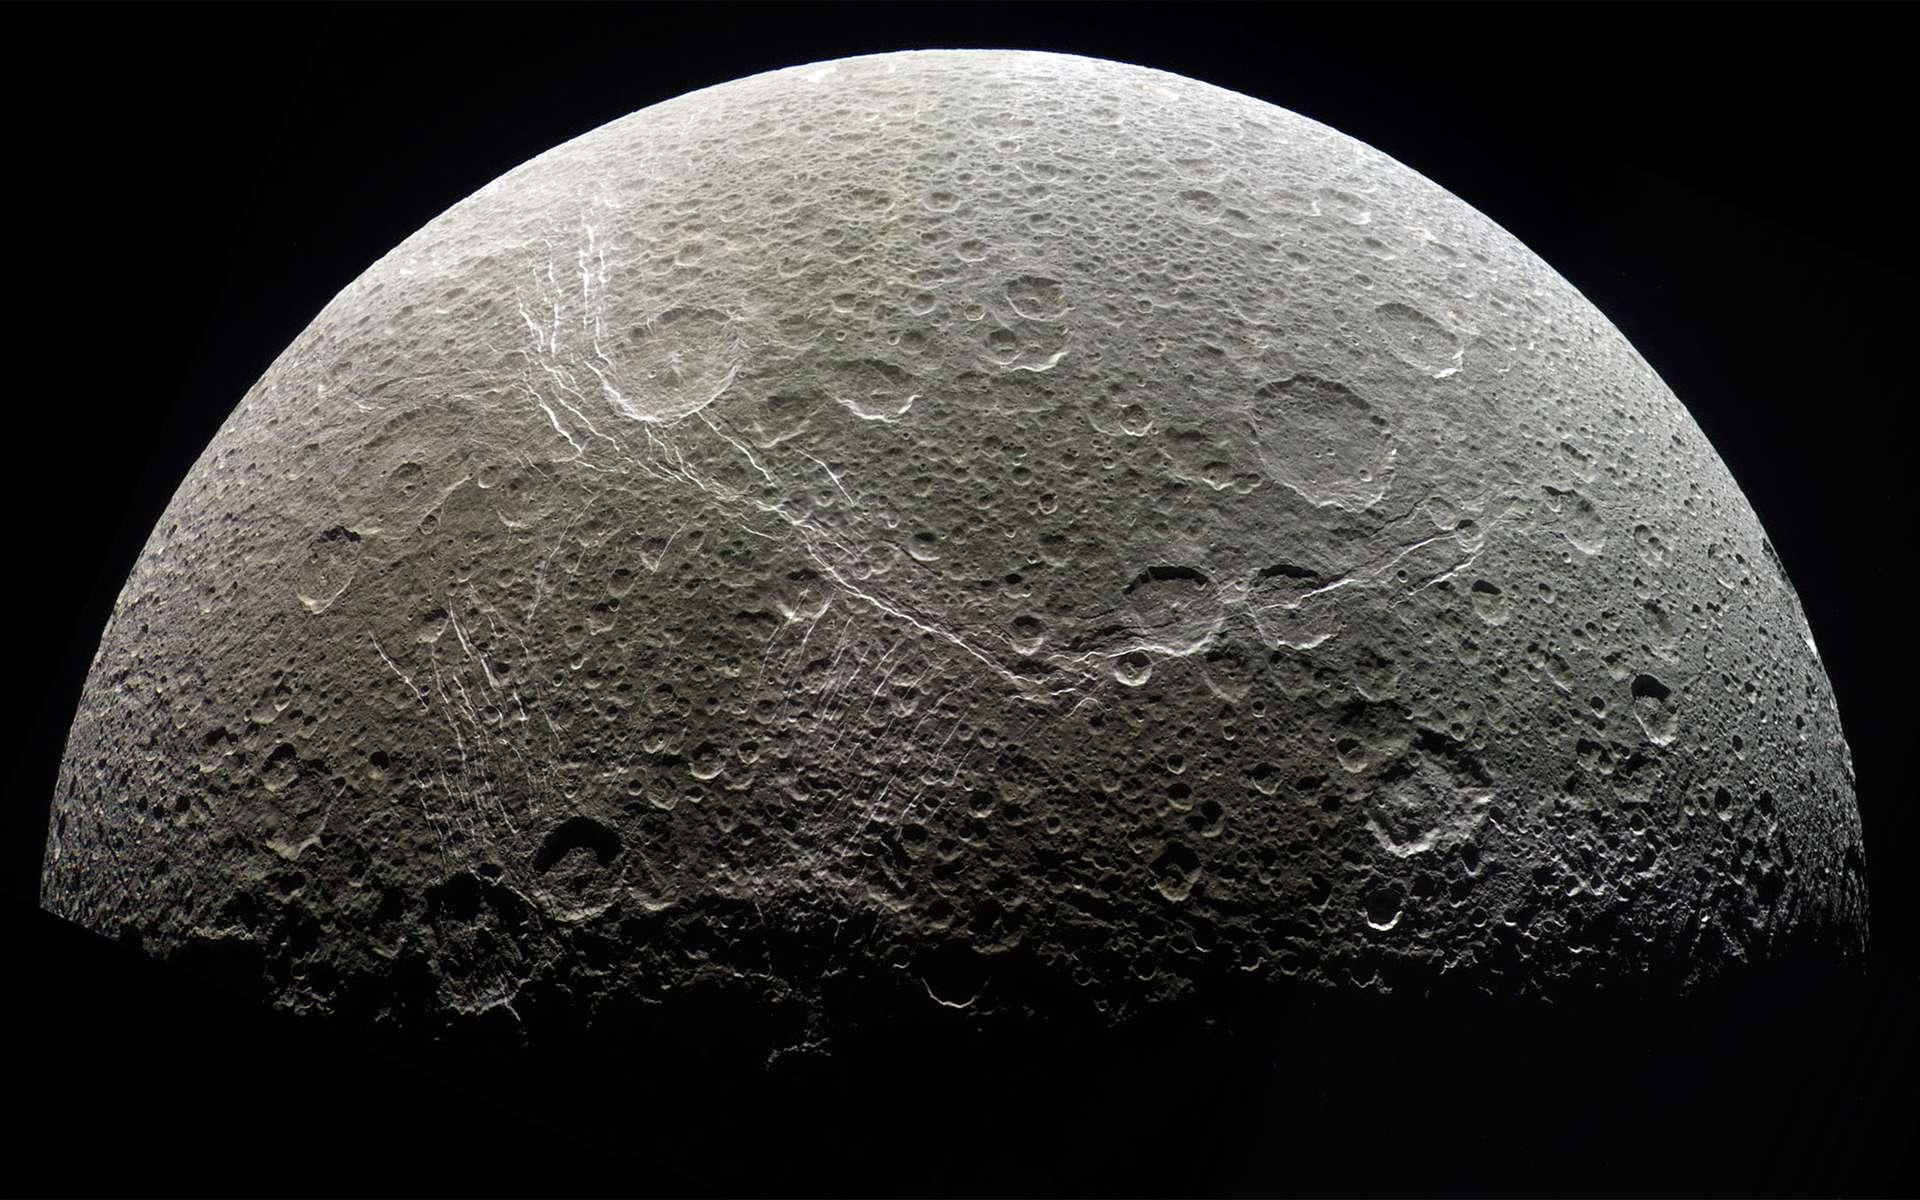 Le satellite de Saturne, Dioné et ses structures géologiques dont certaines étonnent les astronomes. © Nasa, JPL, SSI, Kevin M. Hill